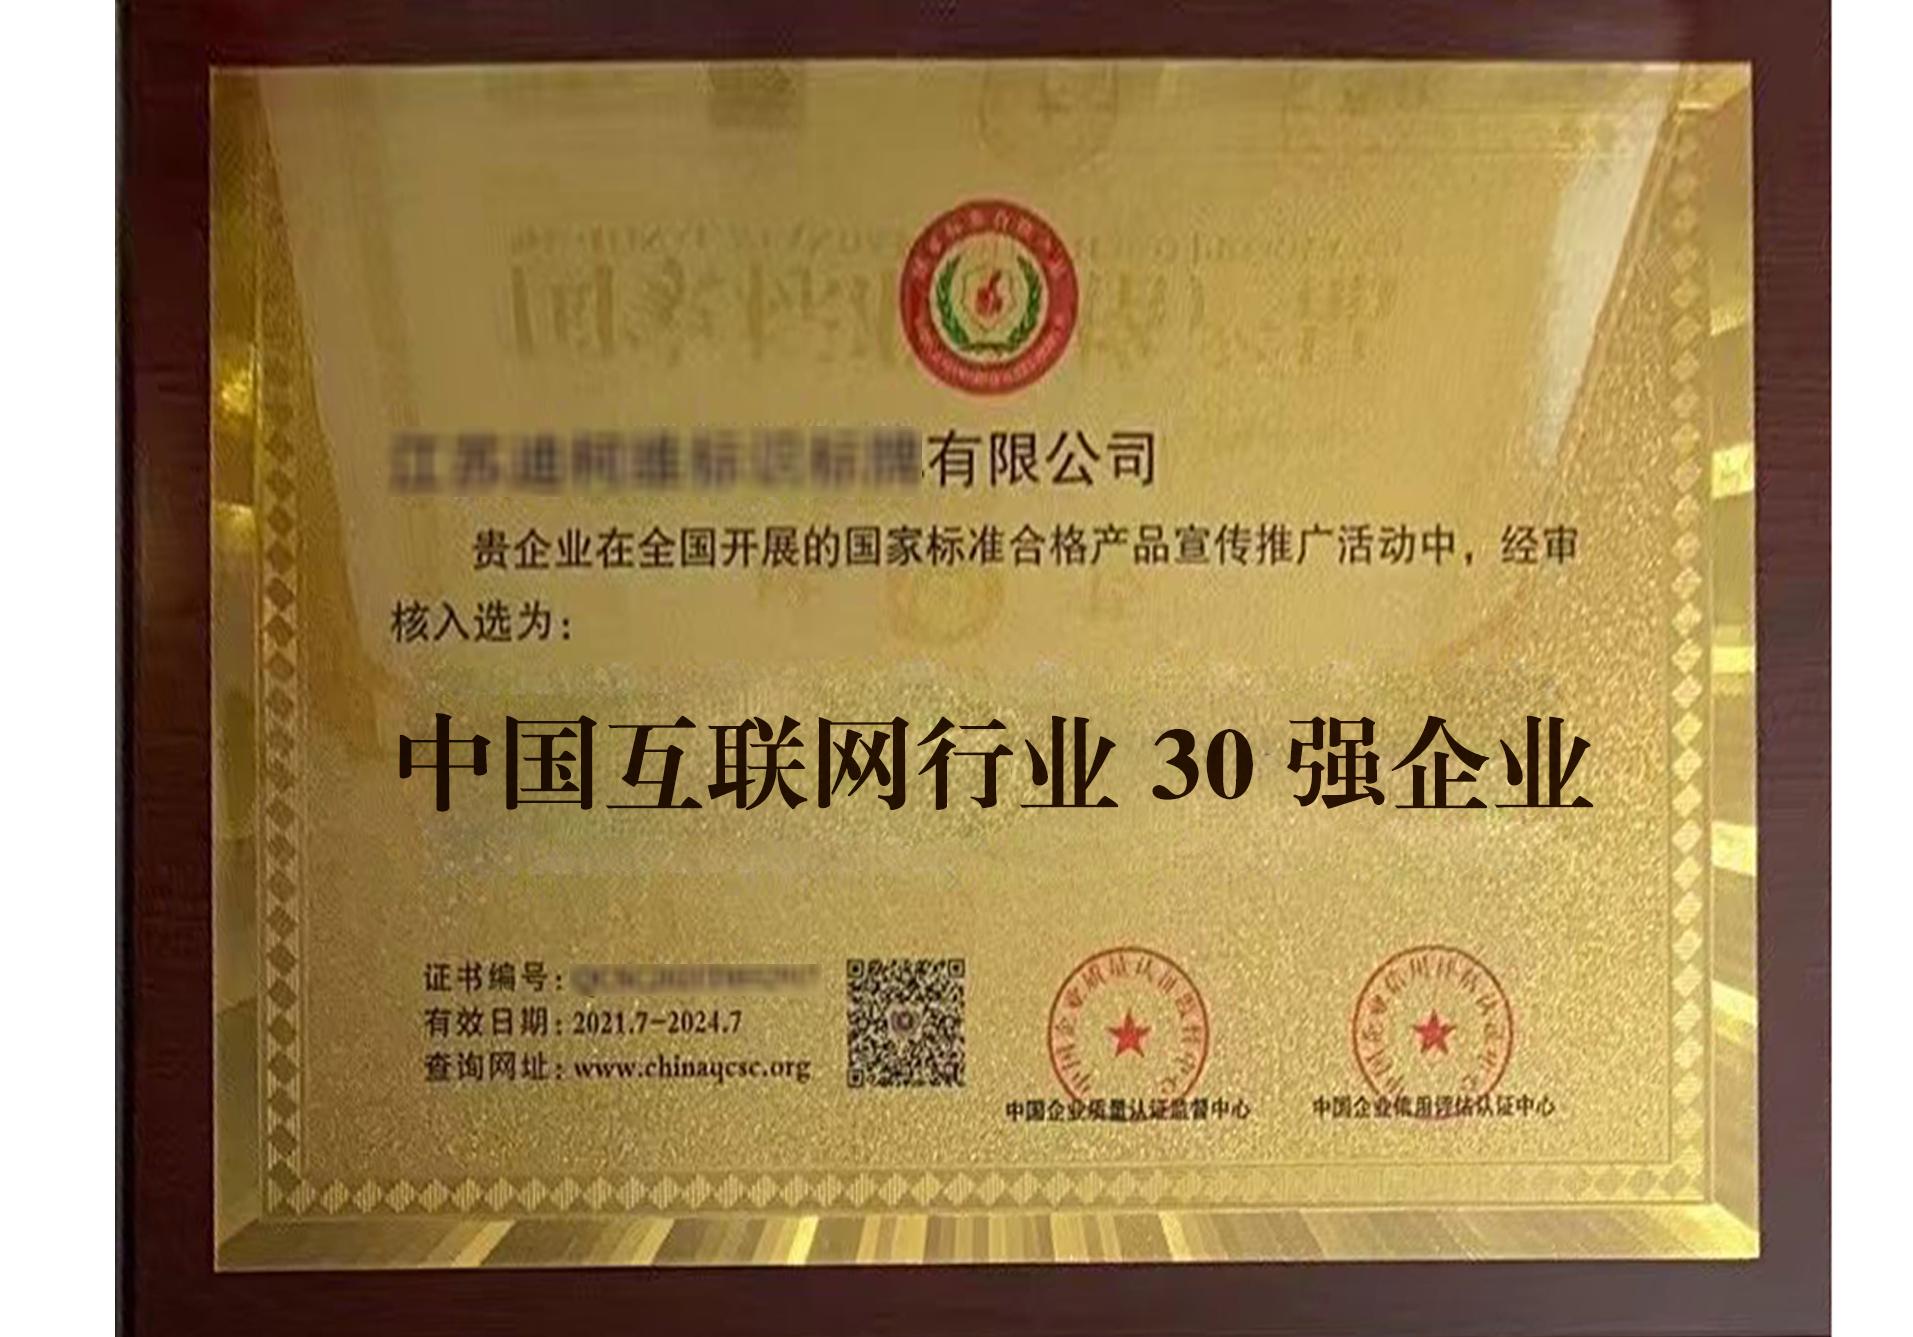 中国互联网行业 30 强企业